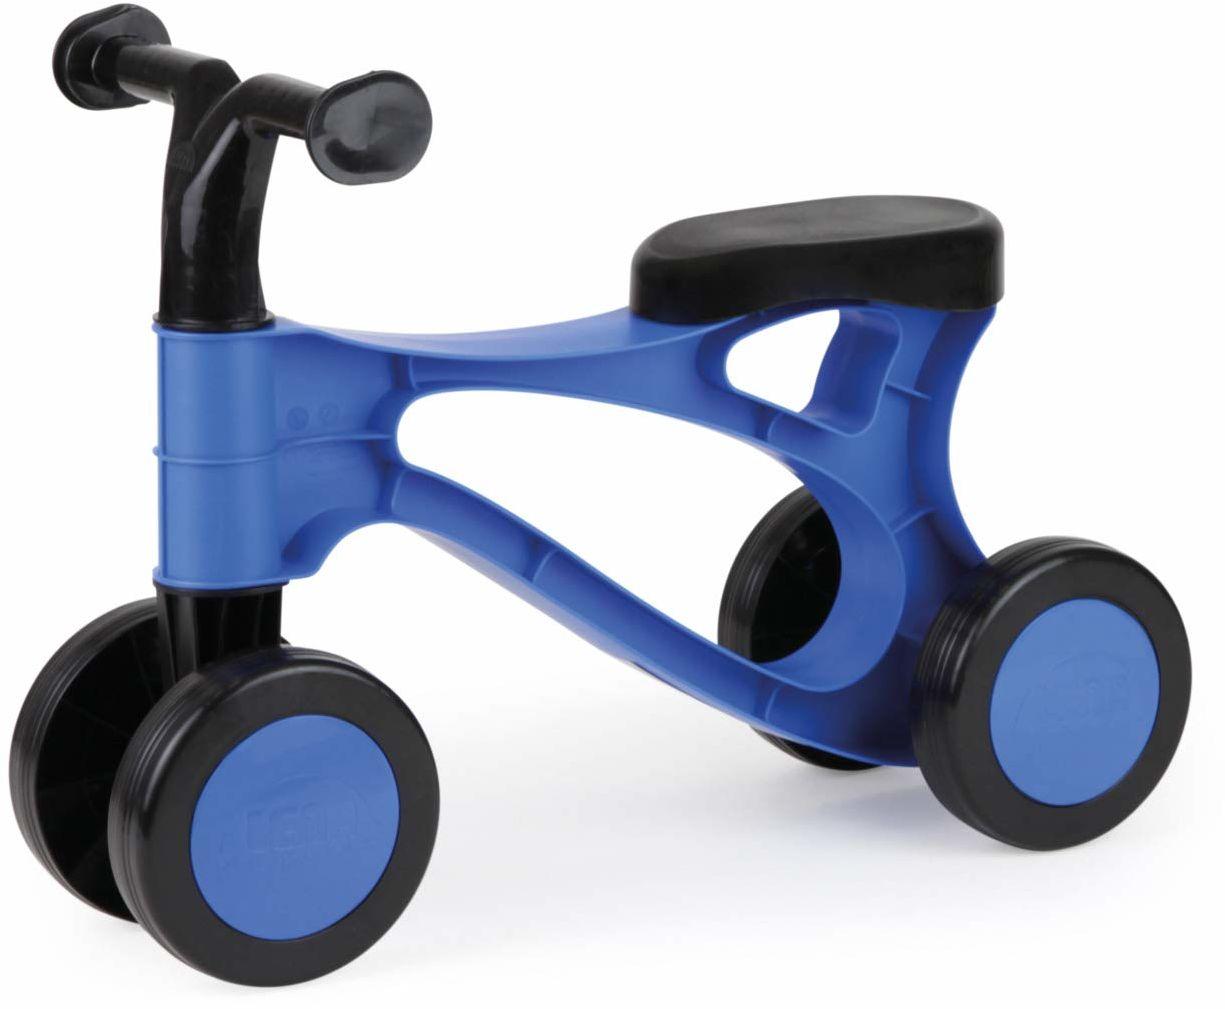 Lena 07168 First, Blue and Black, sit Steel osie, hulajnoga dla niemowląt do treningu równowagi, pomoc do nauki chodzenia dla małych dzieci od 18 miesięcy